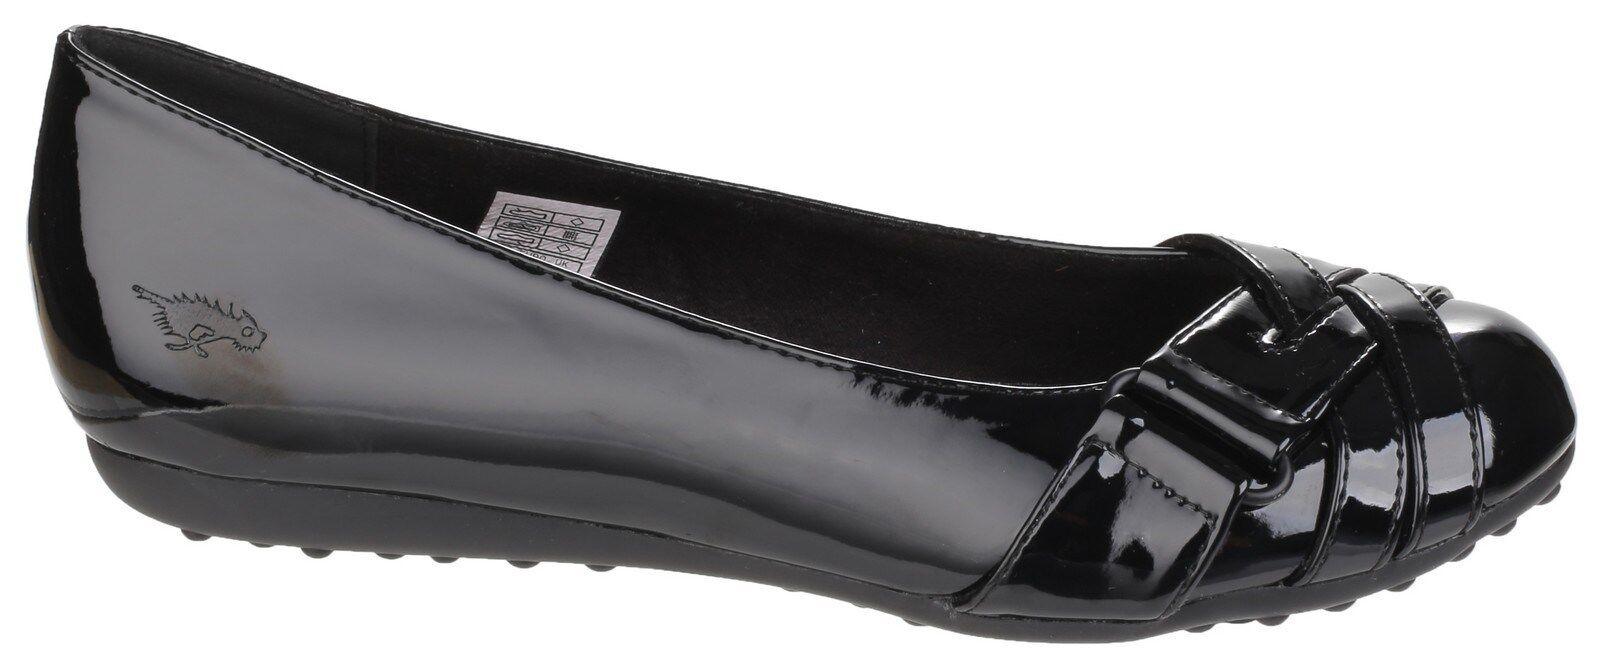 Rocket Dog Rebel Bailarinas Bailarinas Bailarinas Señoras Slip on Flat Bombas Zapatos De Ballet De Moda  Venta al por mayor barato y de alta calidad.